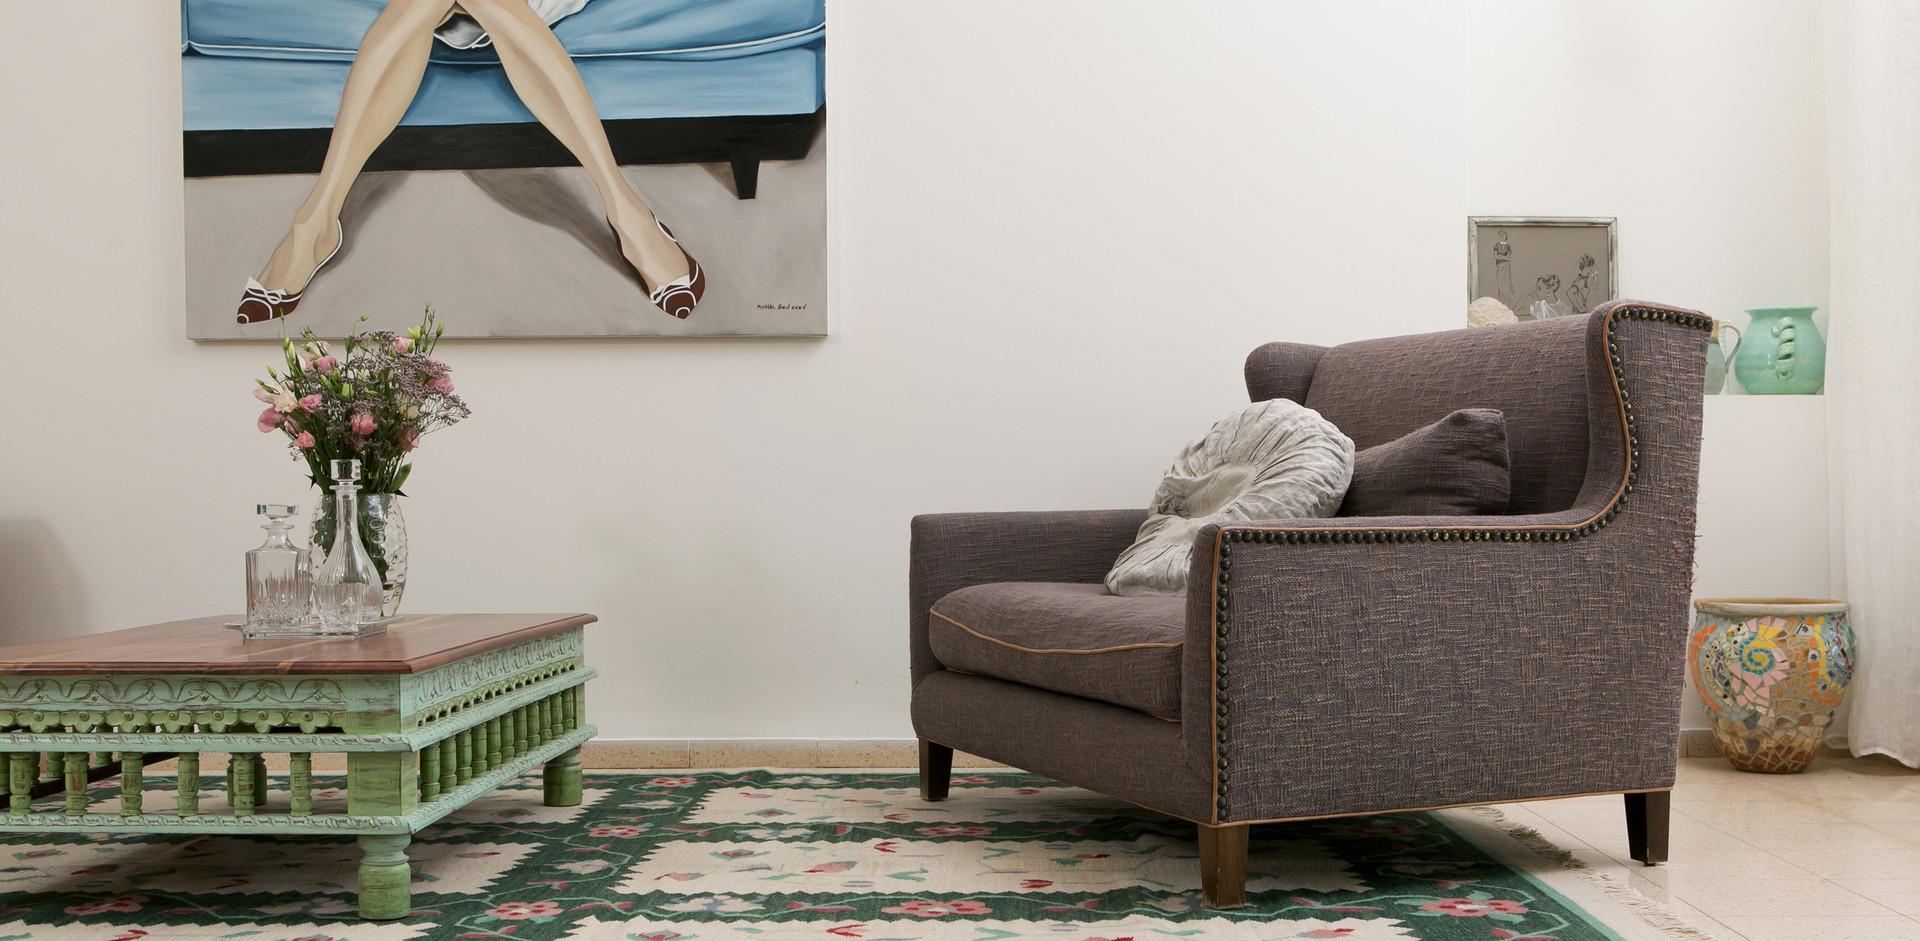 יצירה ישראלית משתלבת בעיצוב חלל הבית